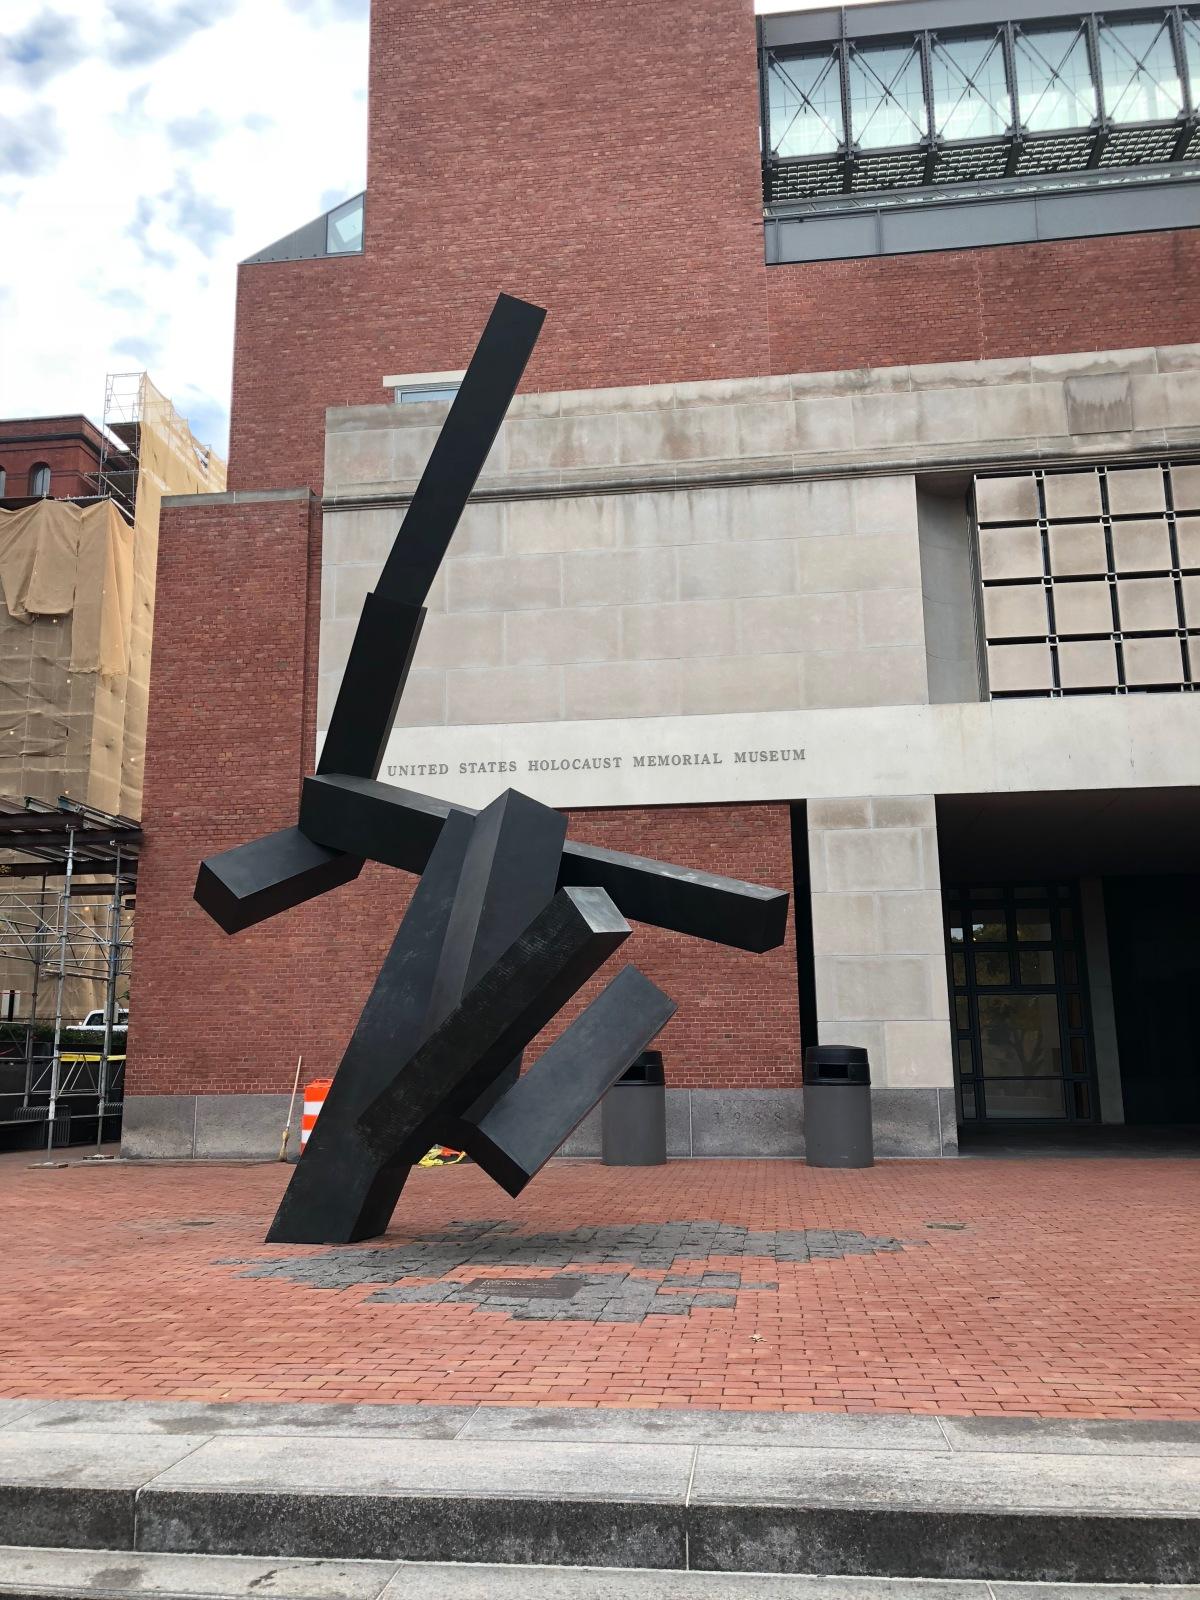 United States Holocaust MemorialMuseum